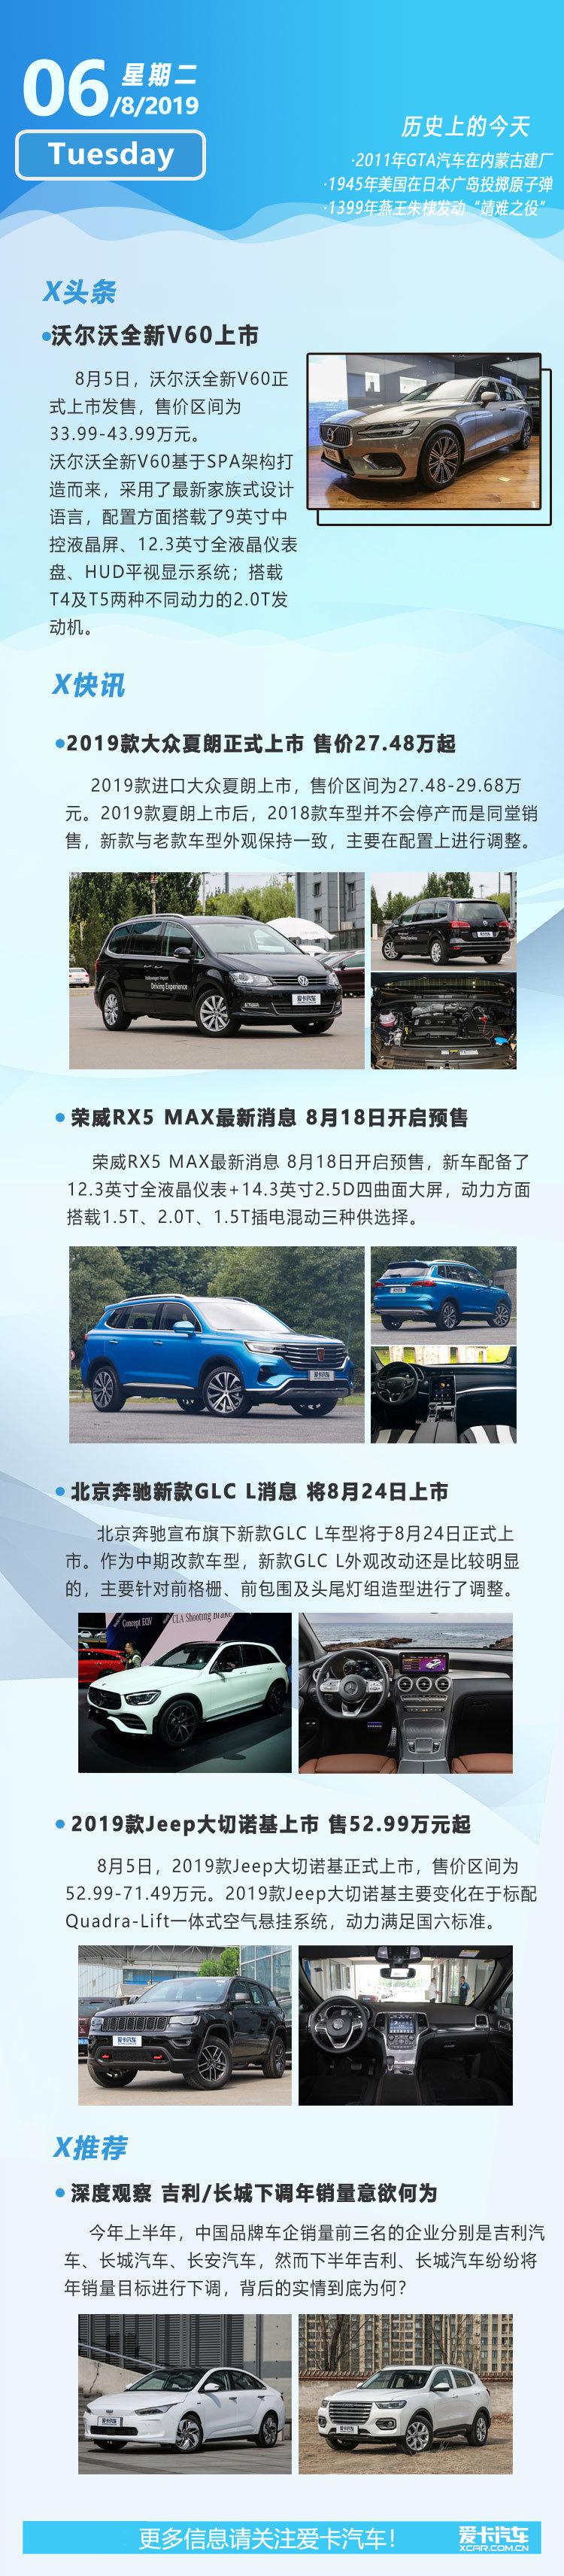 8月6日早报 全新沃尔沃V60荣威RX5 MAX